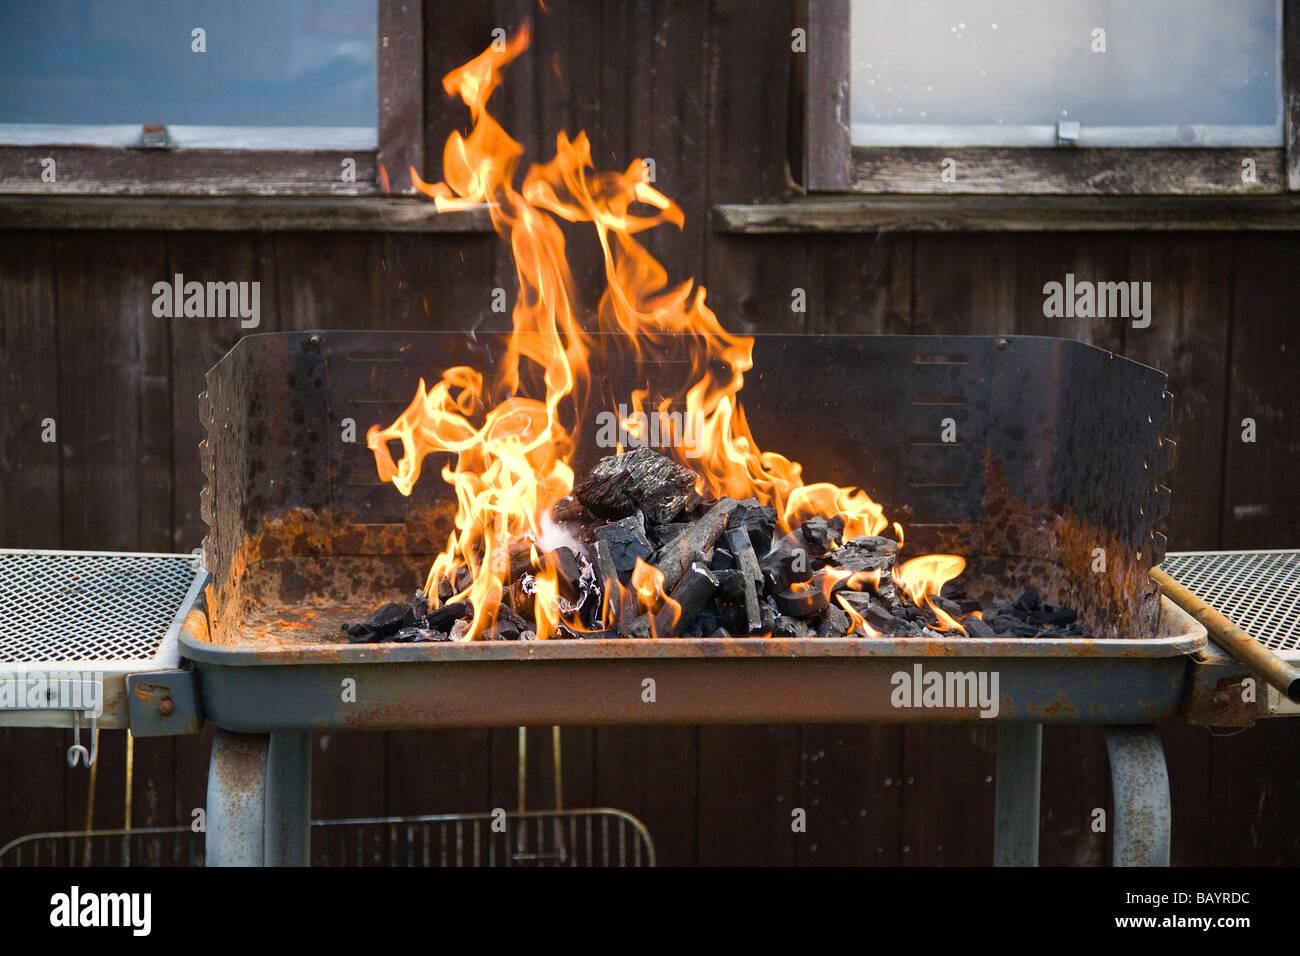 Gas Oder Holzkohlegrill Yorkshire : Barbeque uk stockfotos & barbeque uk bilder alamy